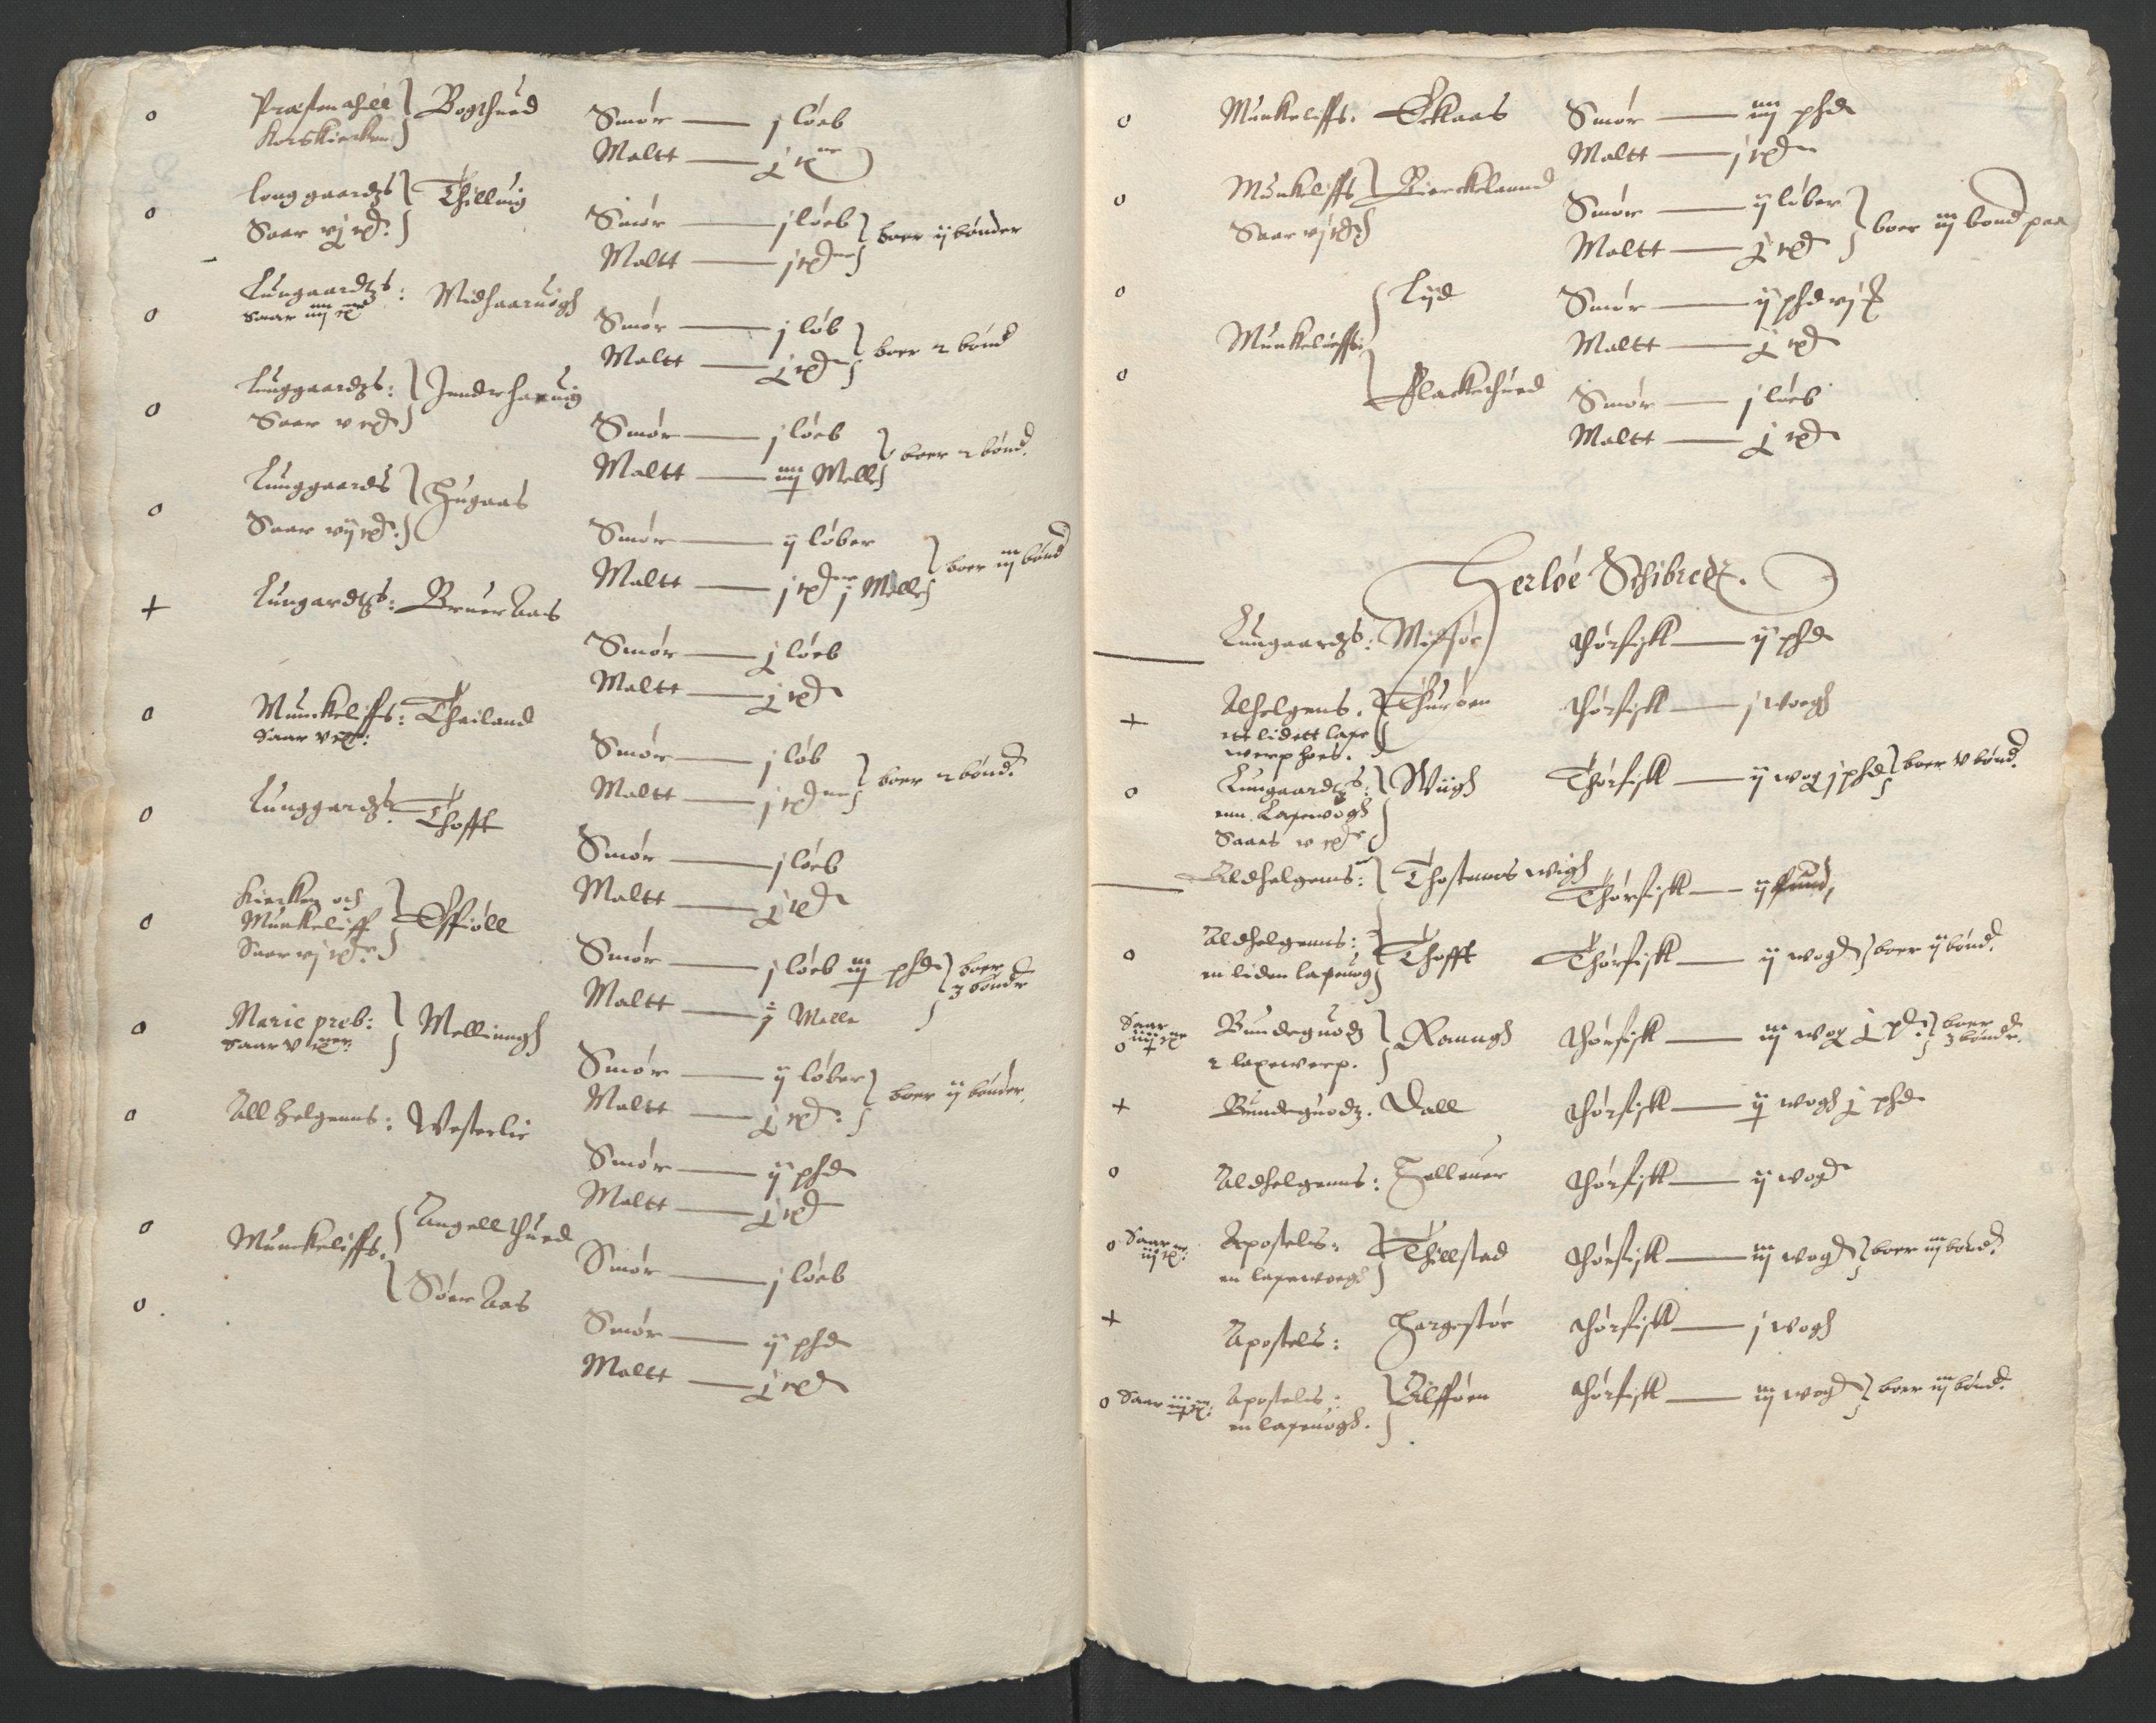 RA, Stattholderembetet 1572-1771, Ek/L0004: Jordebøker til utlikning av garnisonsskatt 1624-1626:, 1626, s. 162